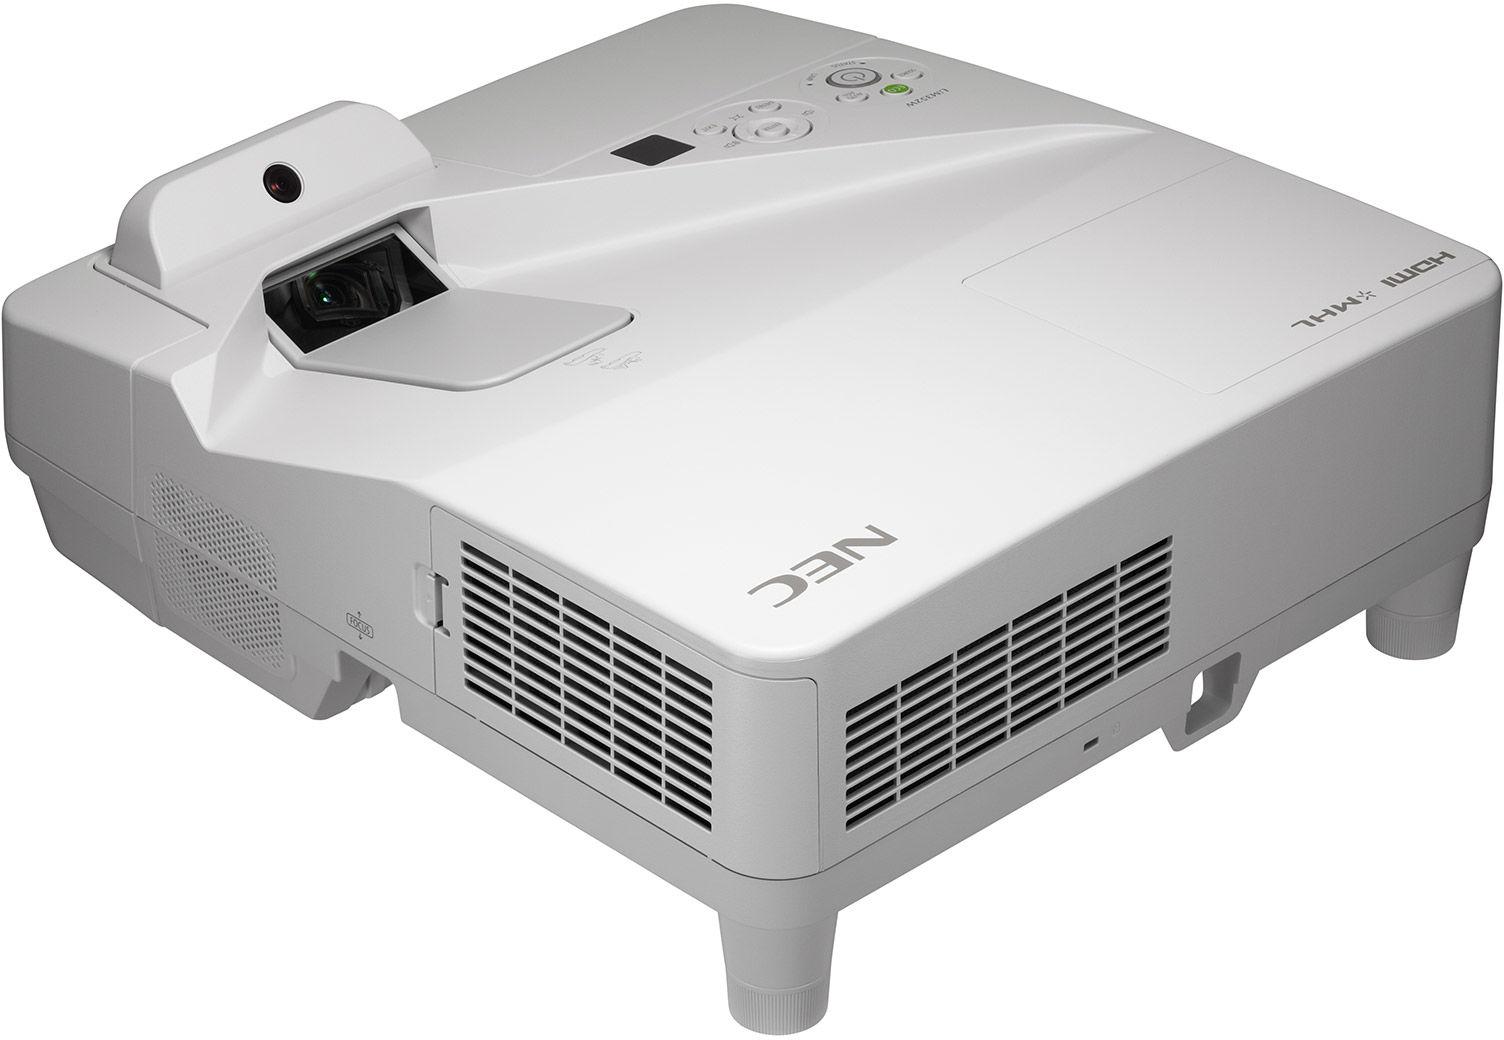 Projektor NEC UM352Wi (Multi Touch) - DARMOWA DOSTWA PROJEKTORA! Projektory, ekrany, tablice interaktywne - Profesjonalne doradztwo - Kontakt: 71 784 97 60